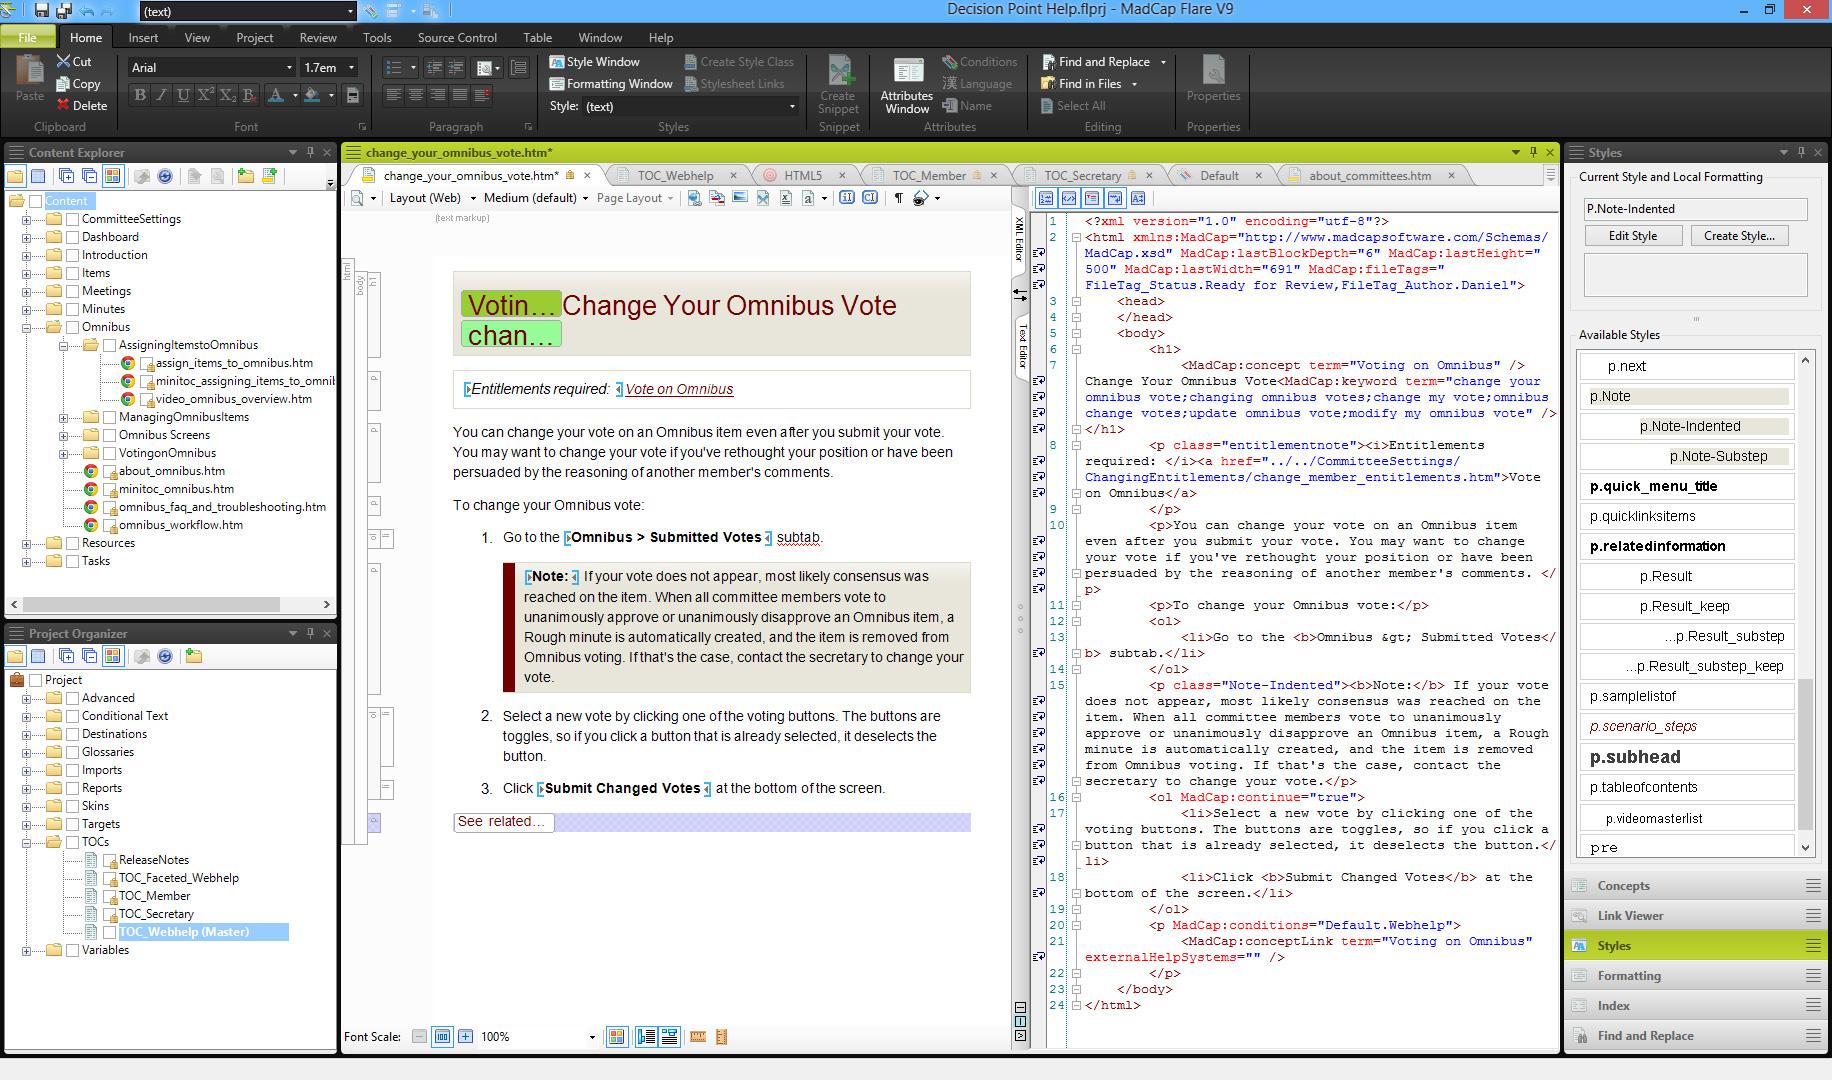 ������� Far Xml Editor